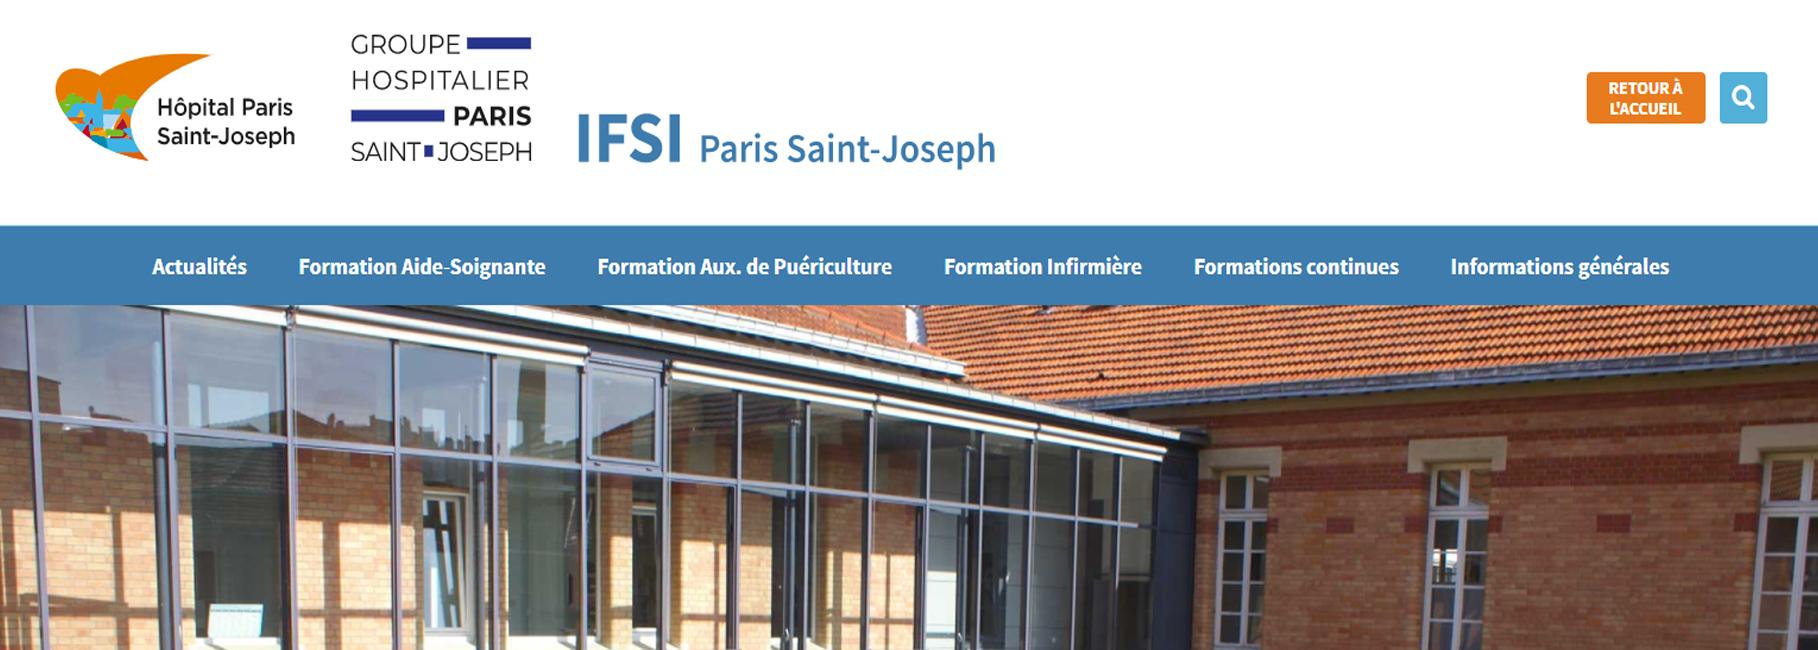 La Fondation Hôpital Saint-Joseph forme des élèves aux métiers d'Auxiliaire de Puériculture, d'Aide-Soignante et en Soins Infirmiers